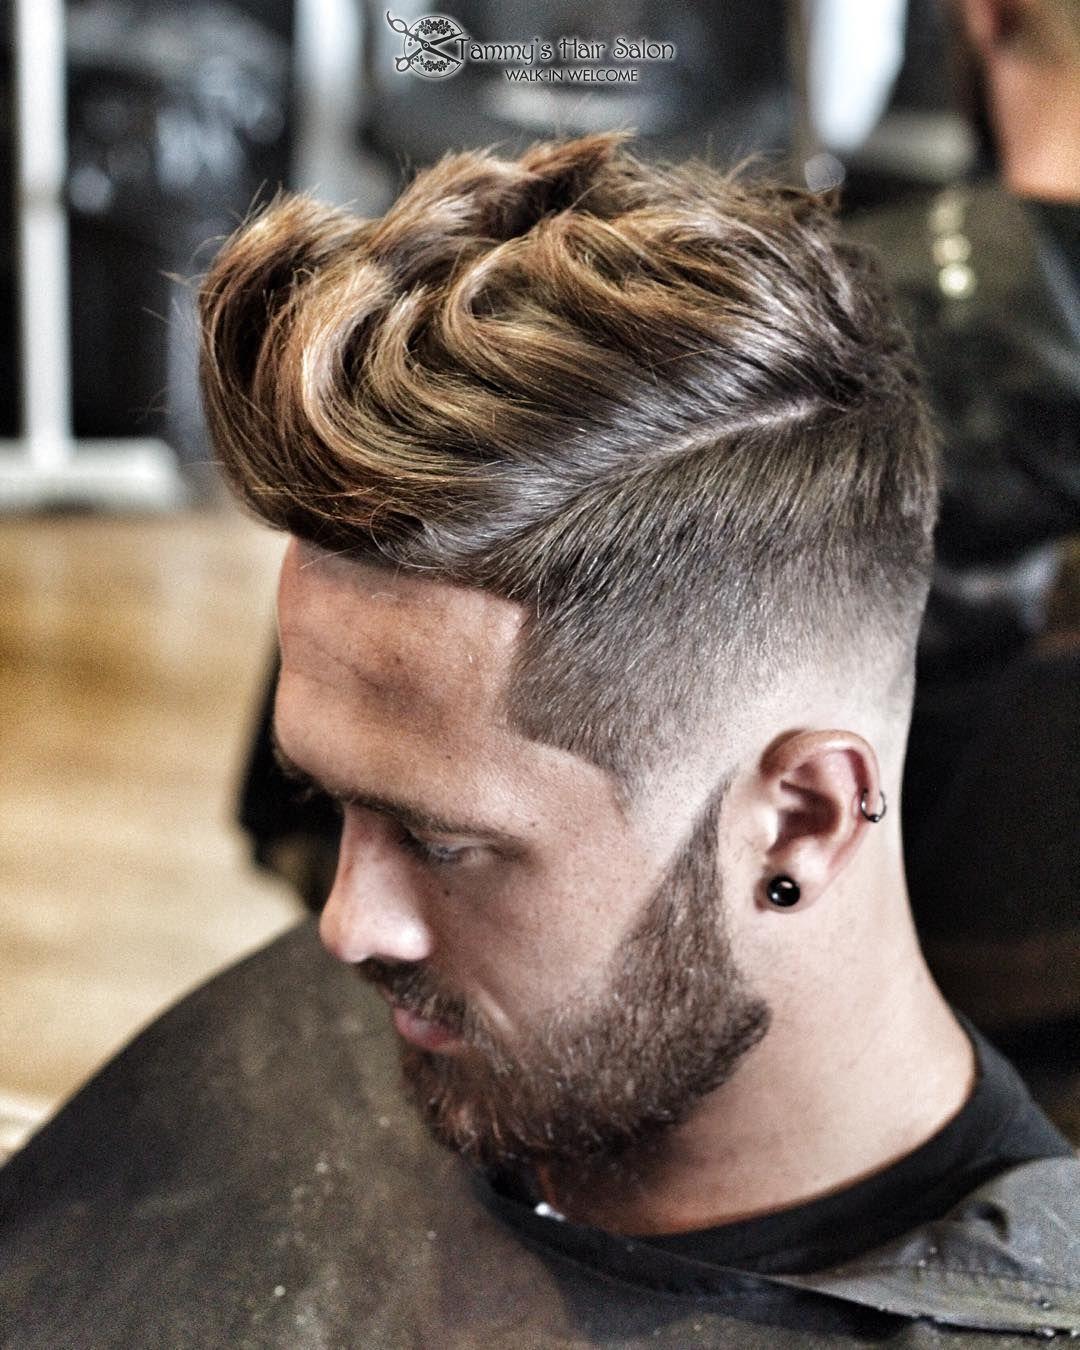 Tammy S Hair Salon Hair Salon Near Me In Lakewood Co 80226 In 2020 Hairstyles Haircuts Mens Hairstyles Haircuts For Men